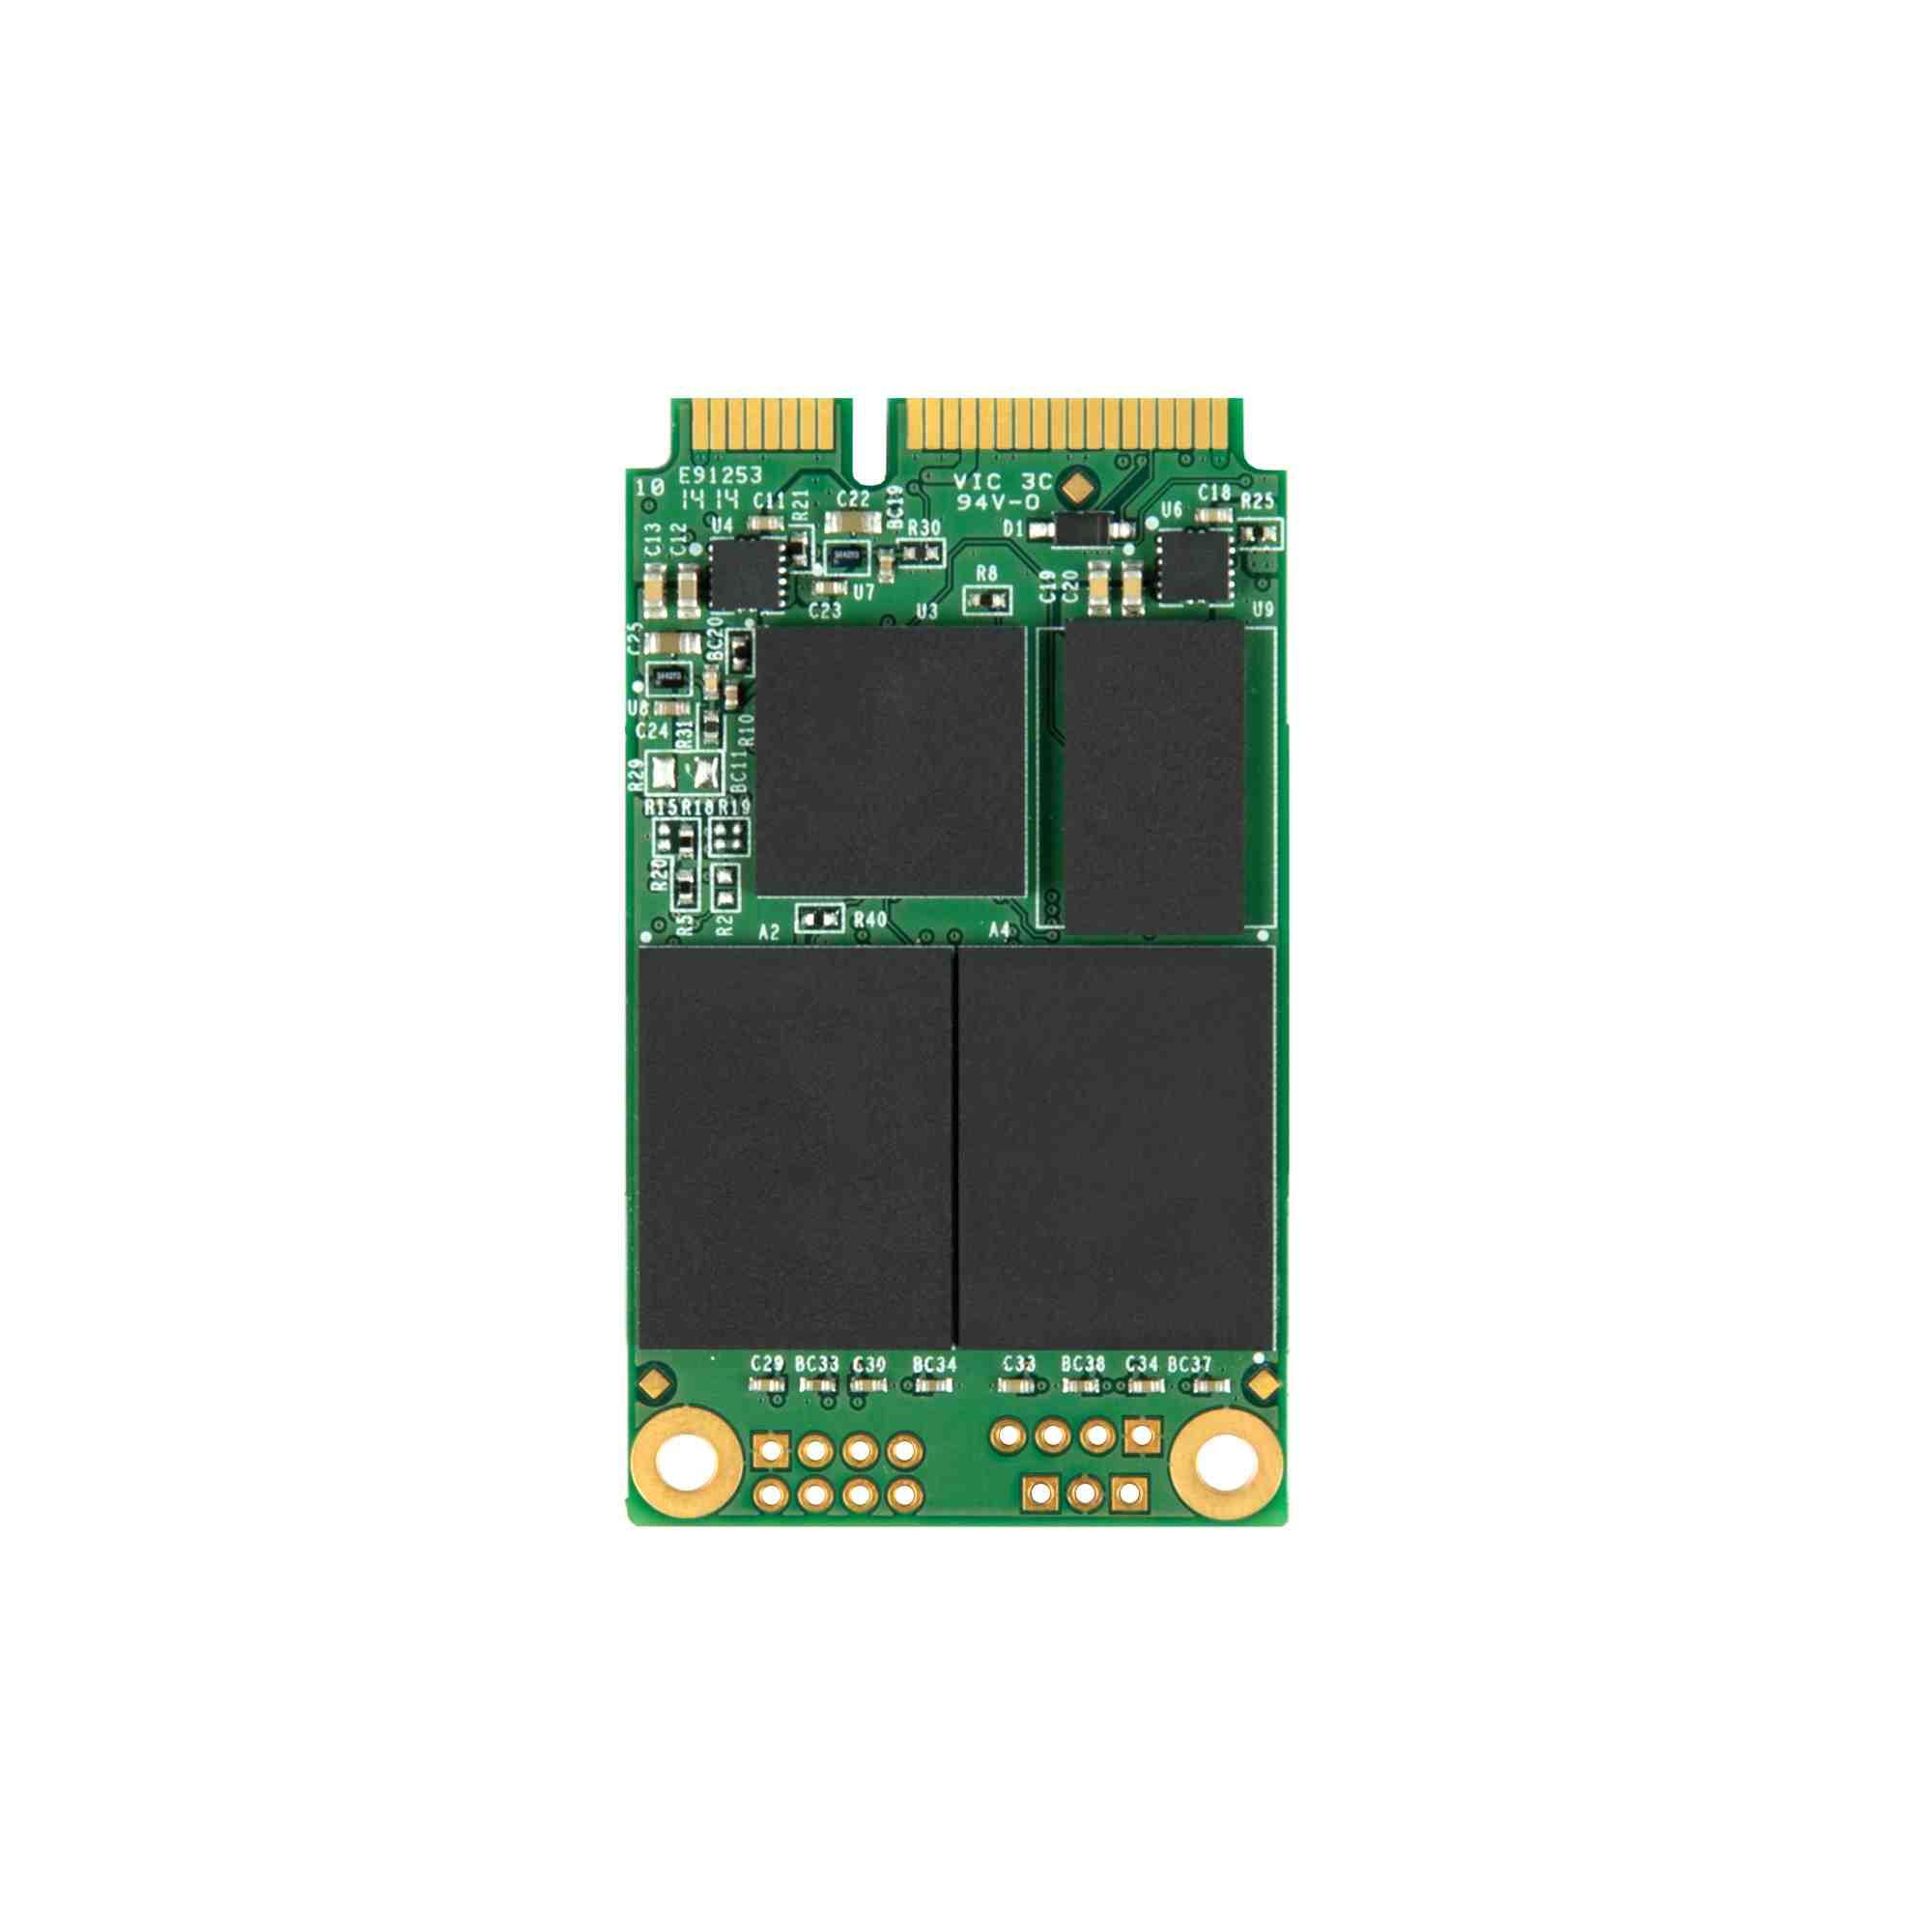 TRANSCEND Industrial SSD MSA370I, 64GB, SATA III 6G mSATA, MLC (TS64GMSA370I)